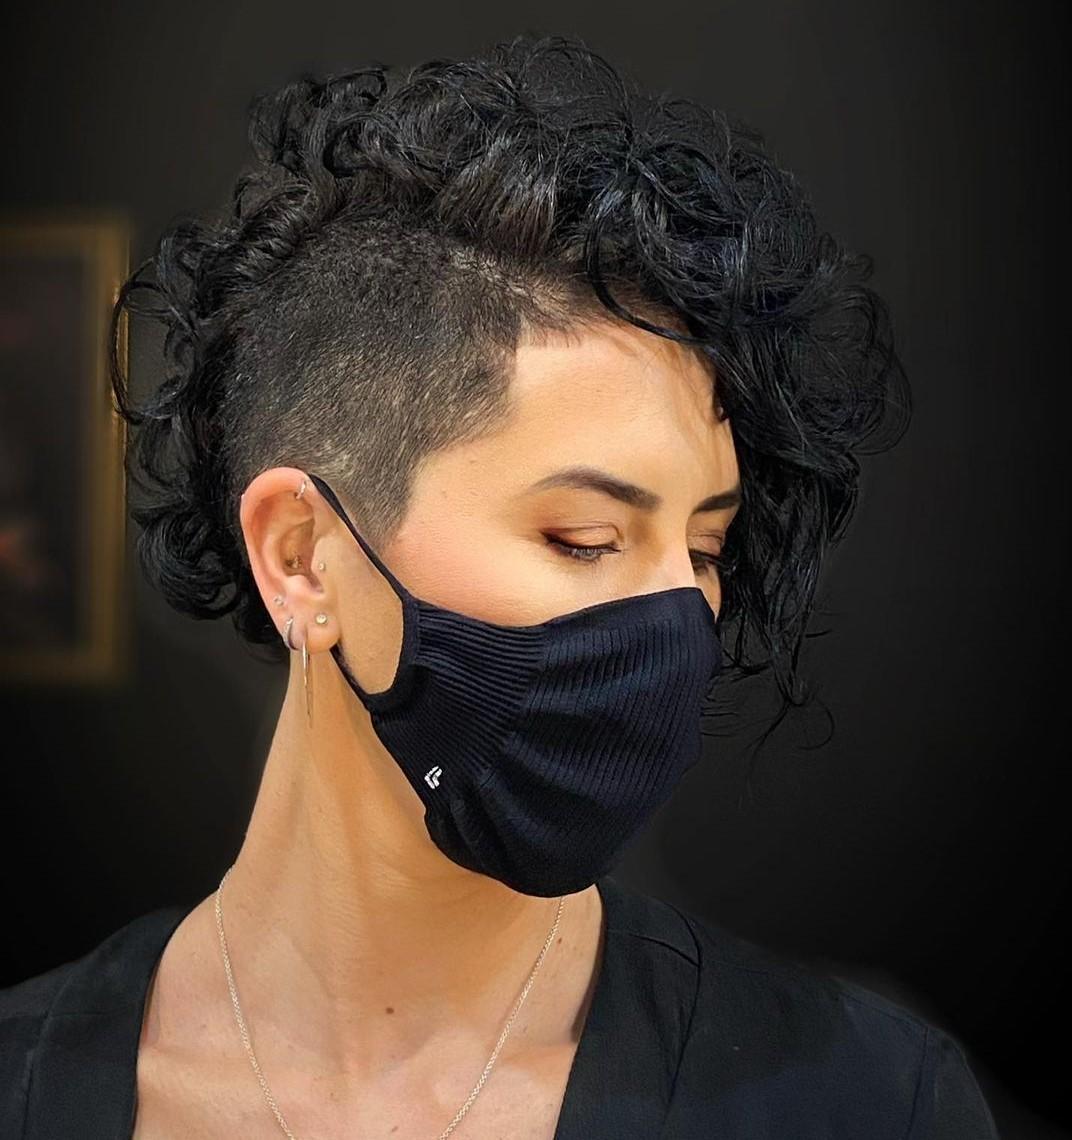 Side Undercut Hairstyle for Women